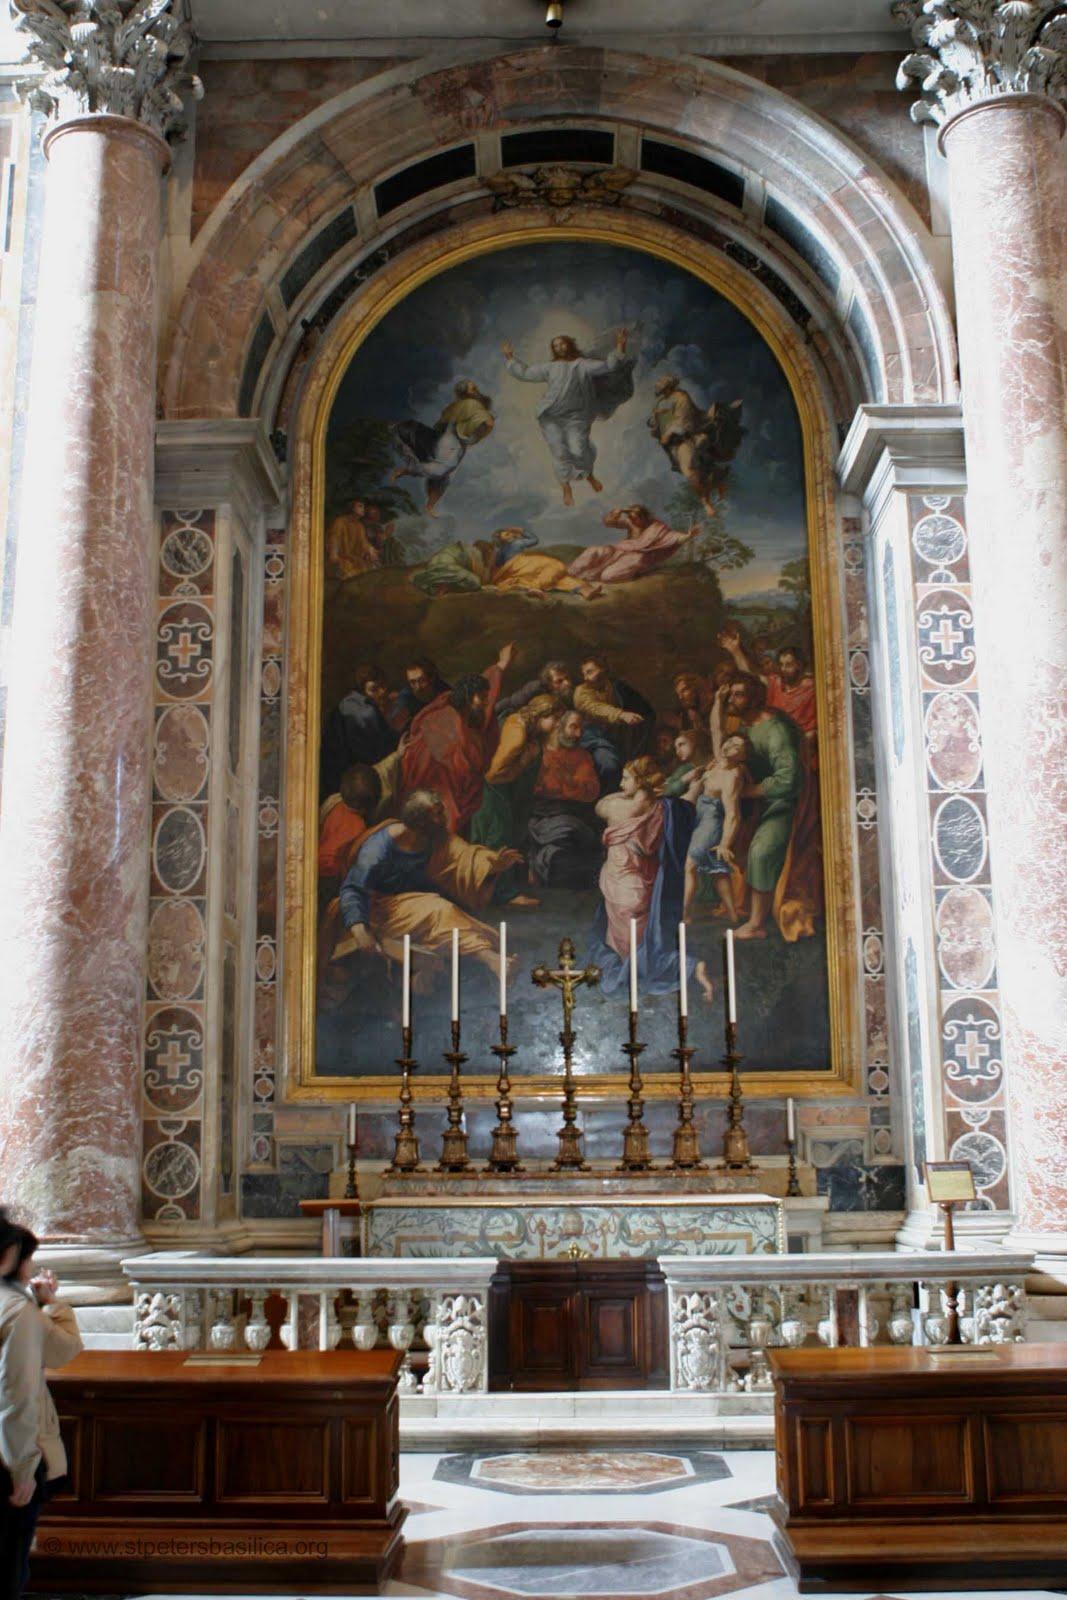 Basilica di S. Pietro in Vaticano. Altare della Trasfigurazione